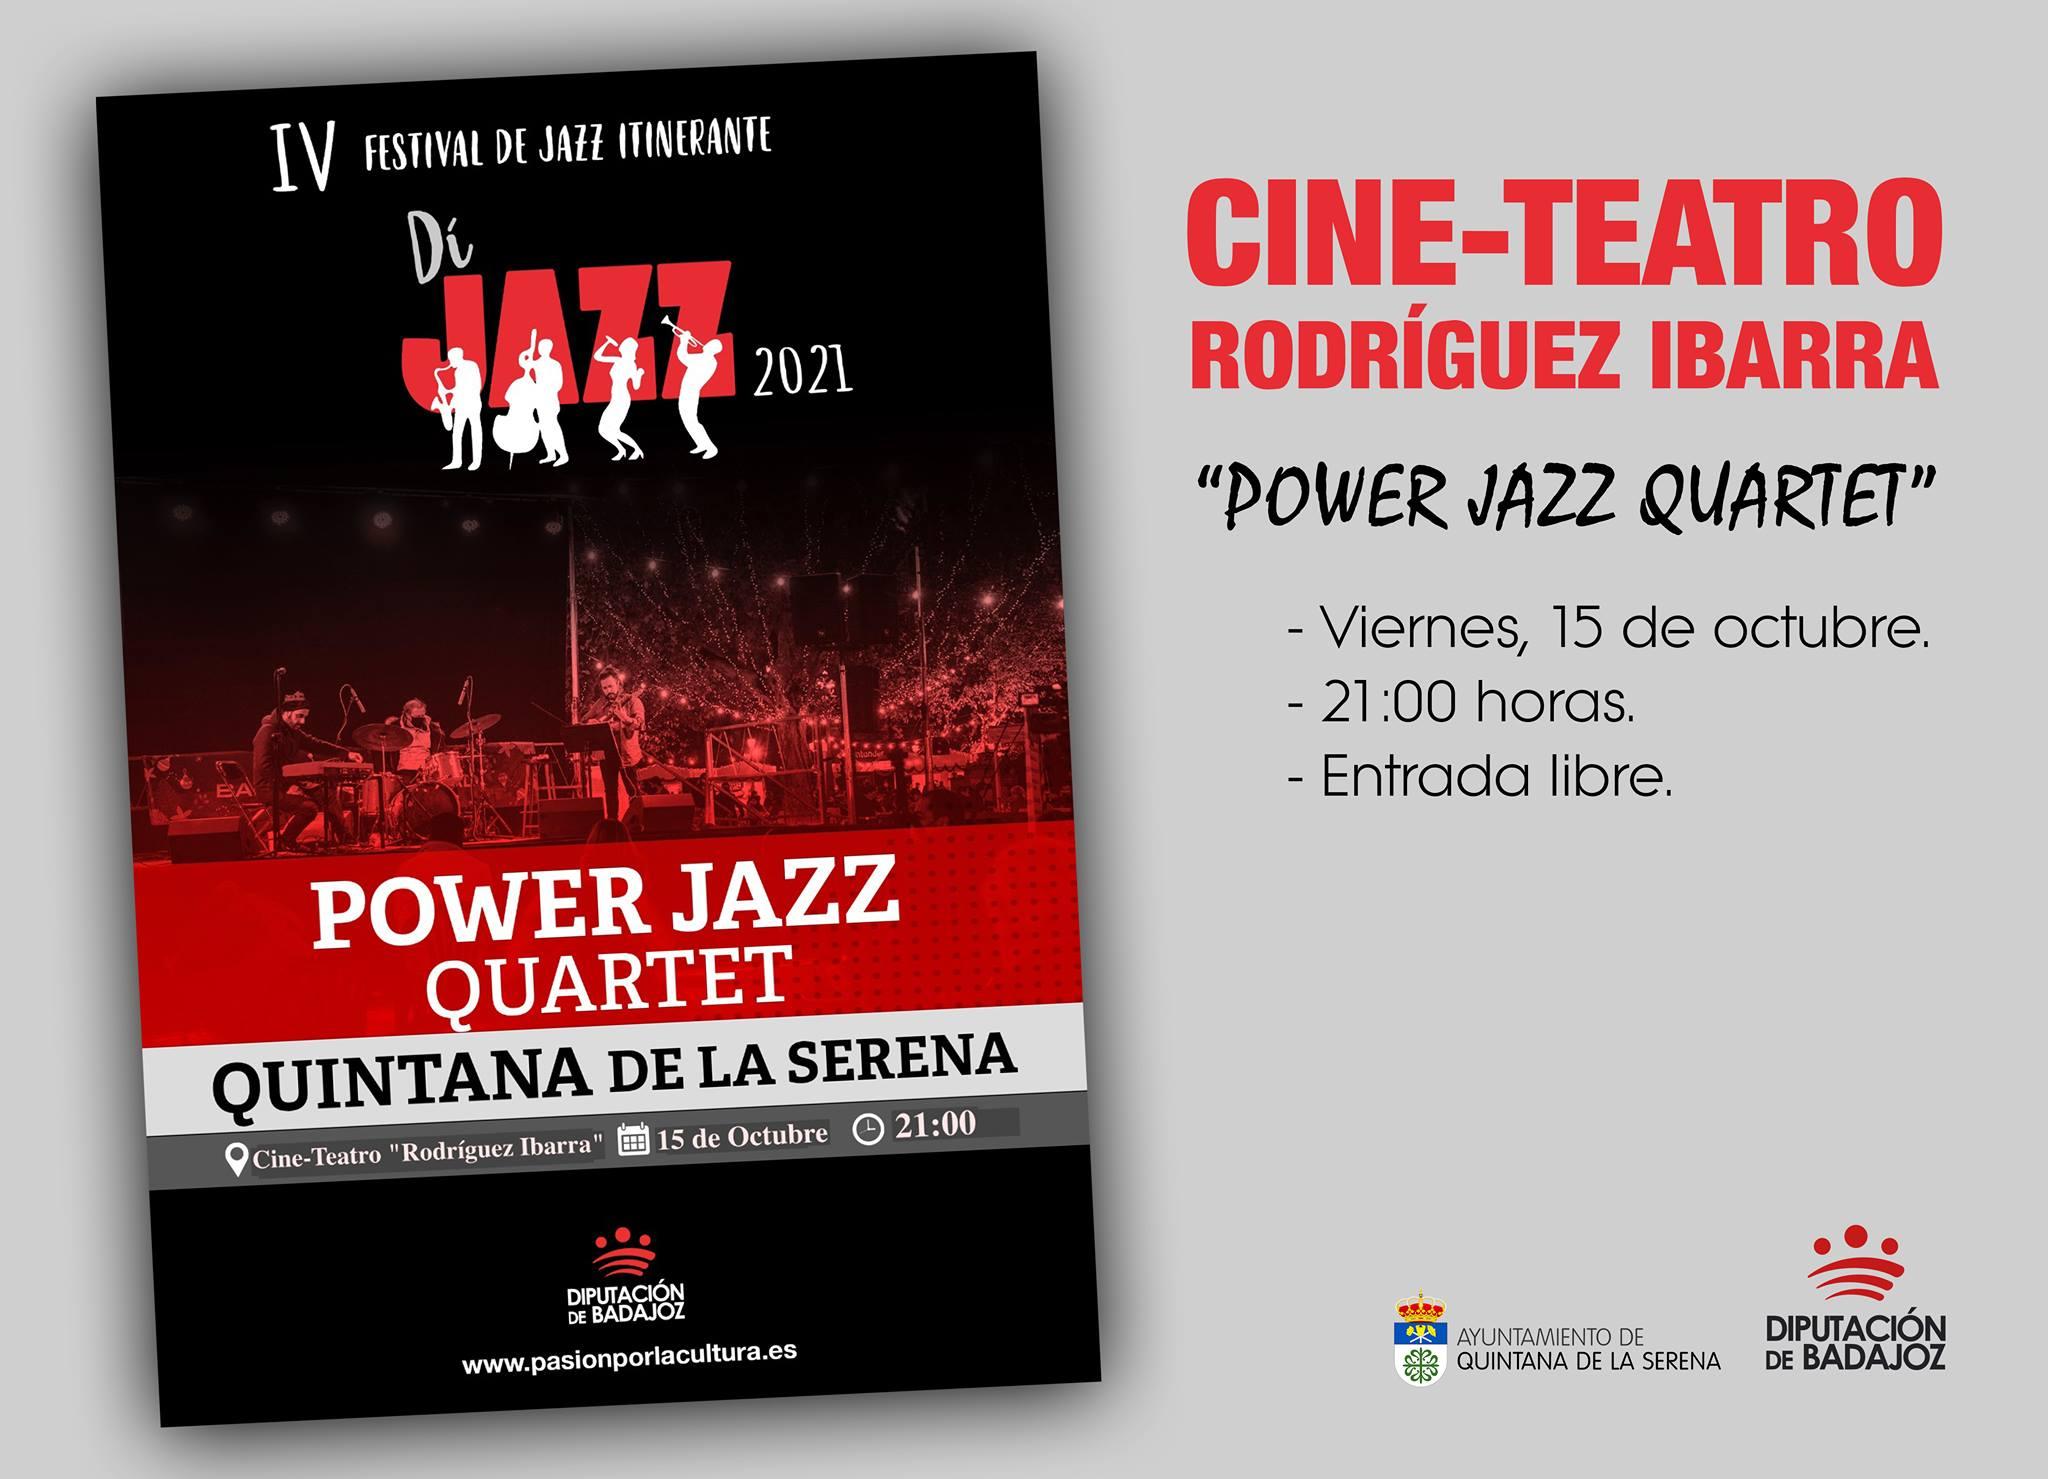 Sesión de Jazz esta tarde en el Rodríguez Ibarra